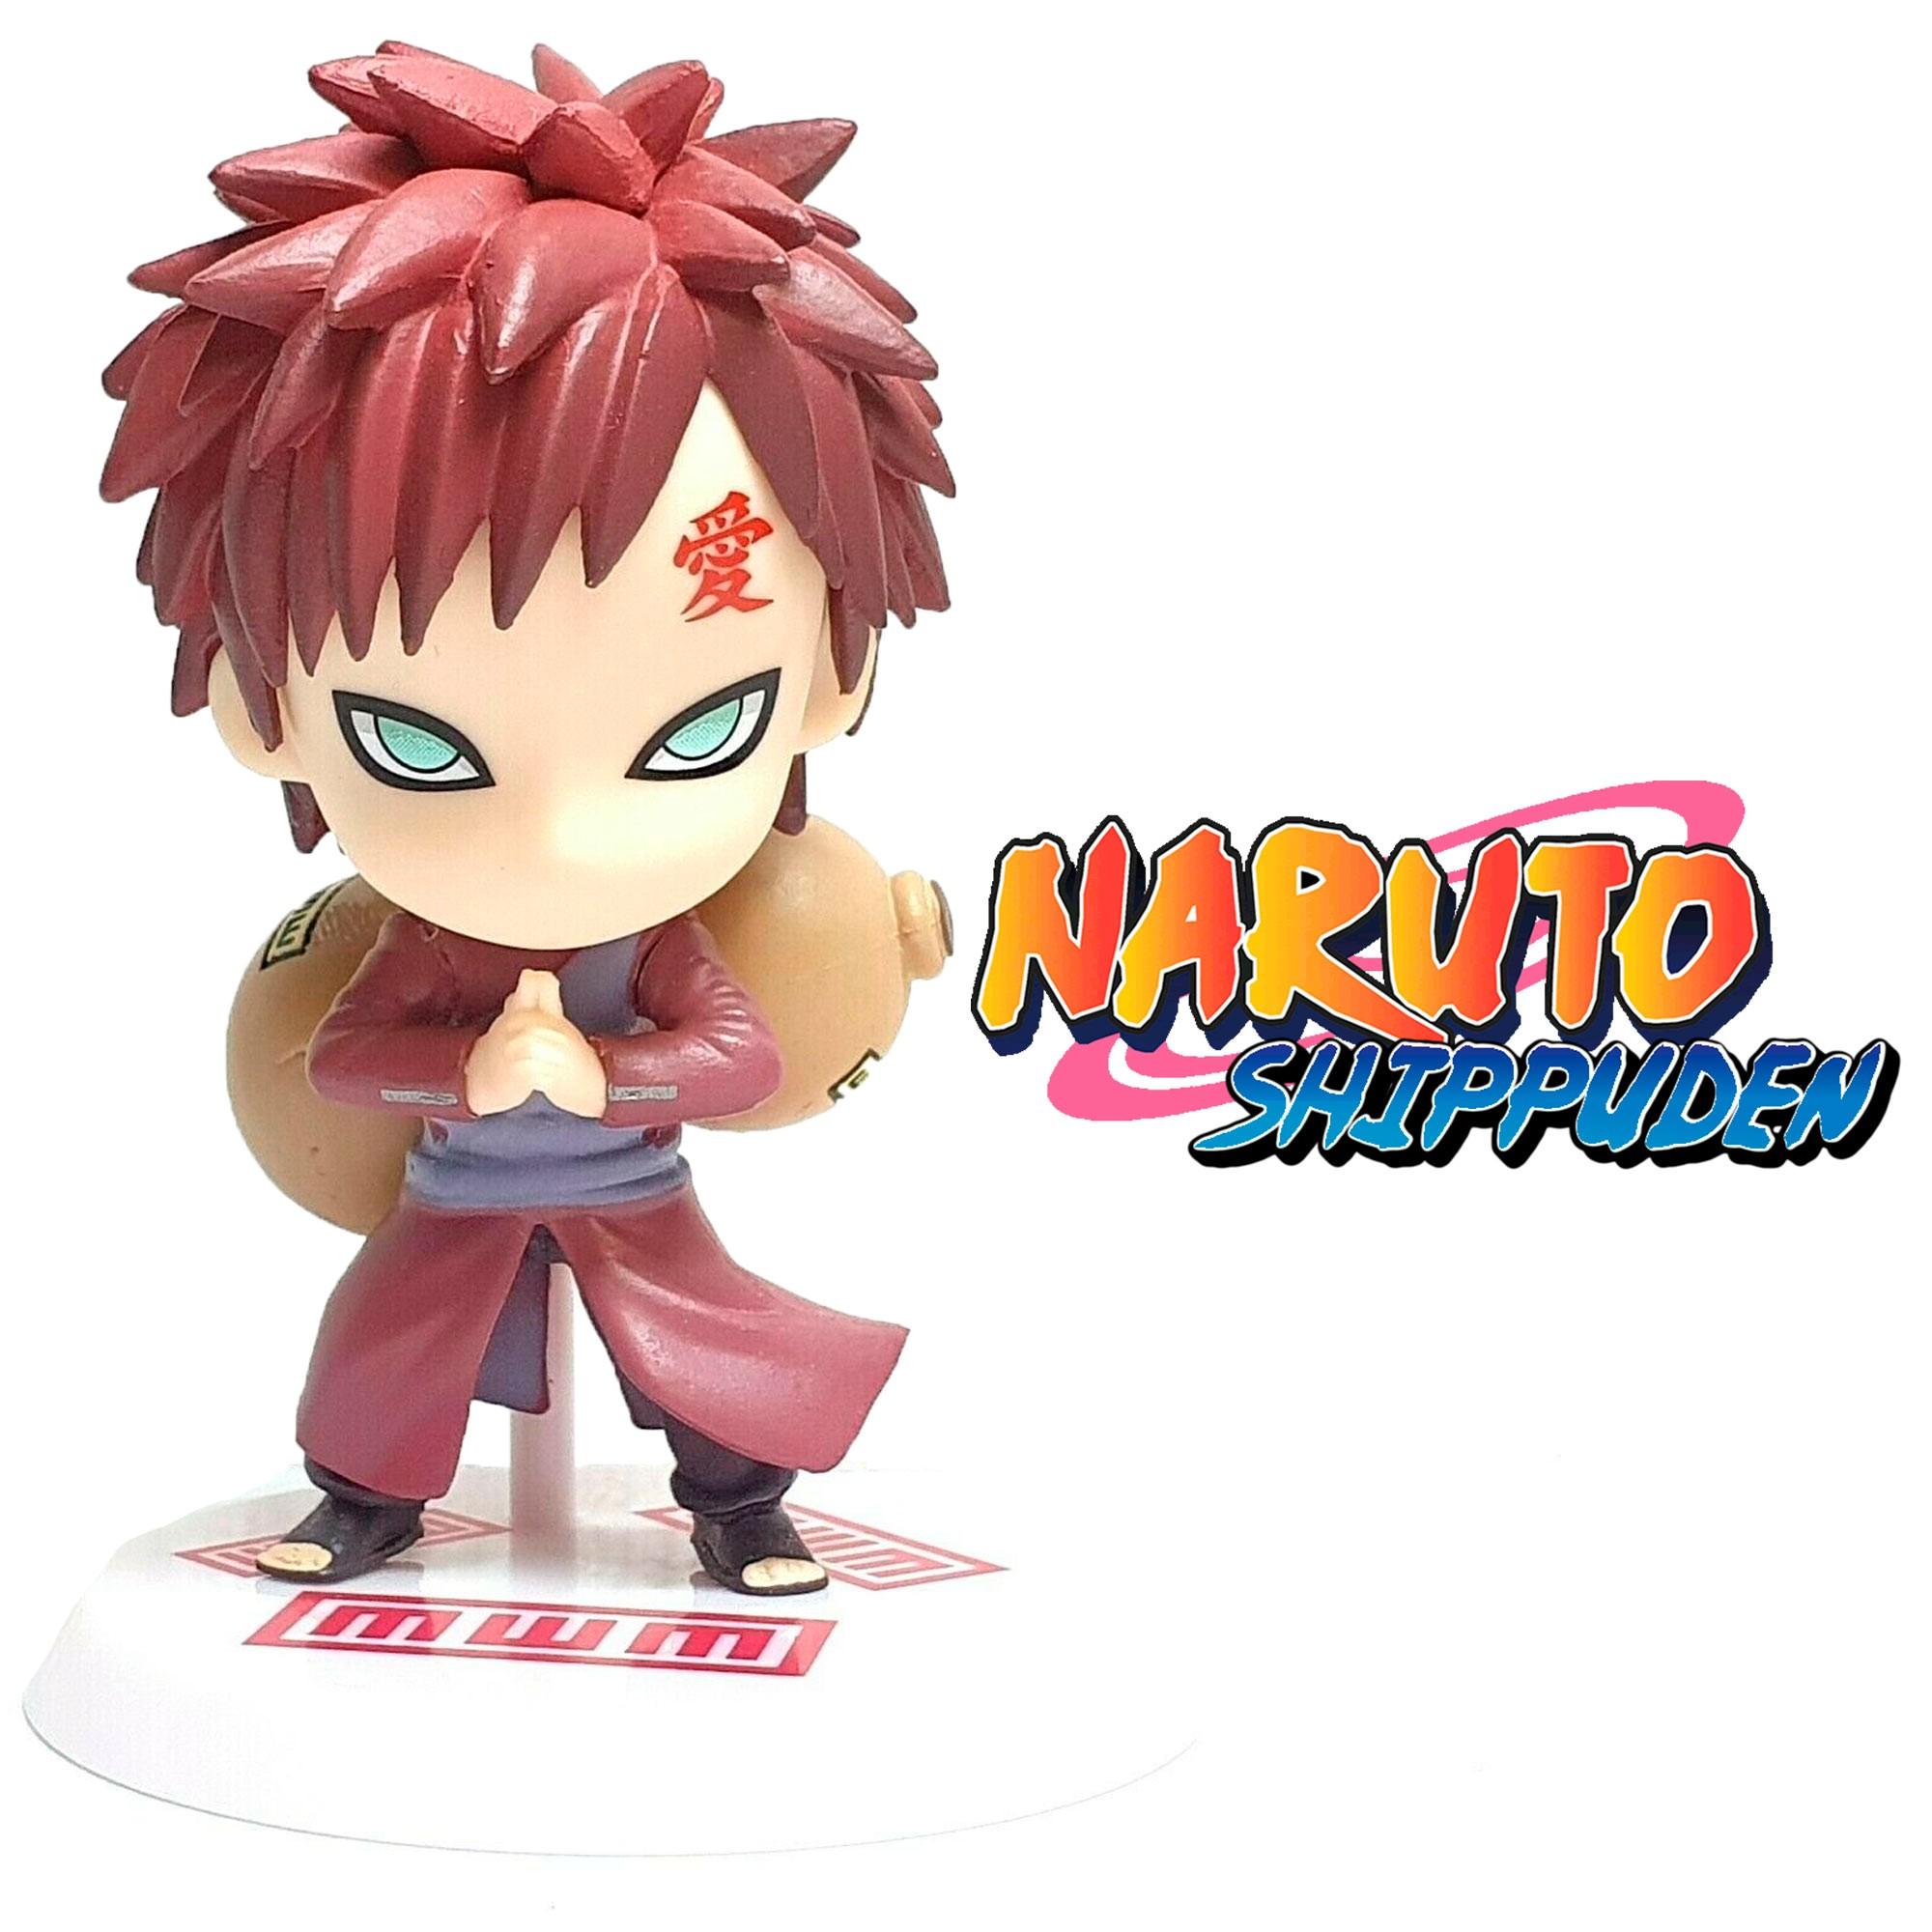 Gaara - Naruto Shippuden